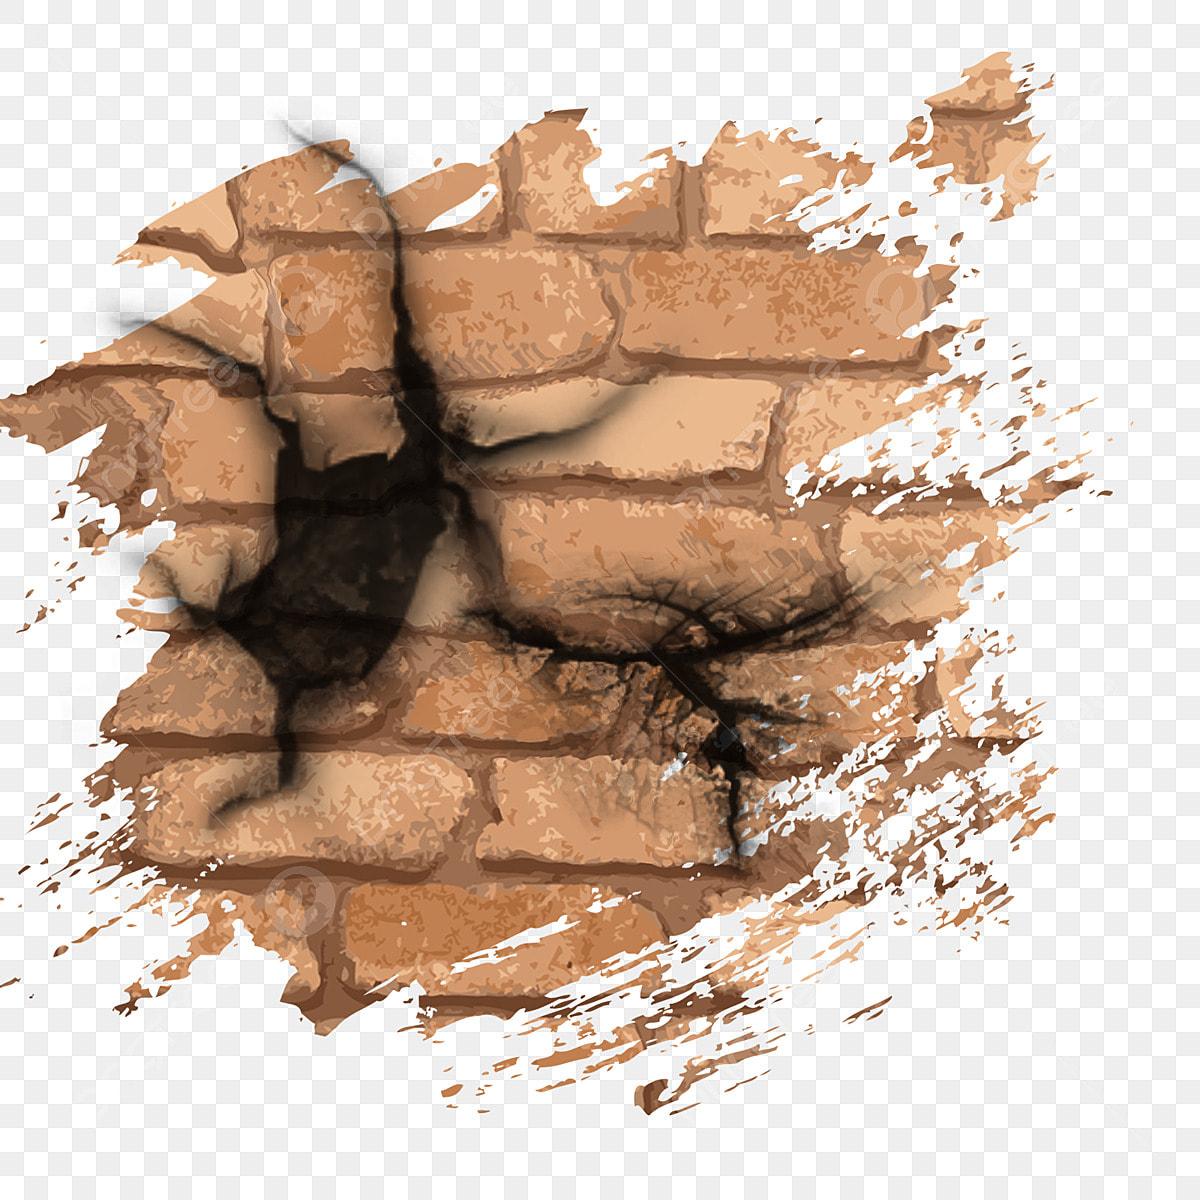 Mur De Brique Rupture Mur Effet Fissure Casse Cicatrice Fichier Png Et Psd Pour Le Telechargement Libre